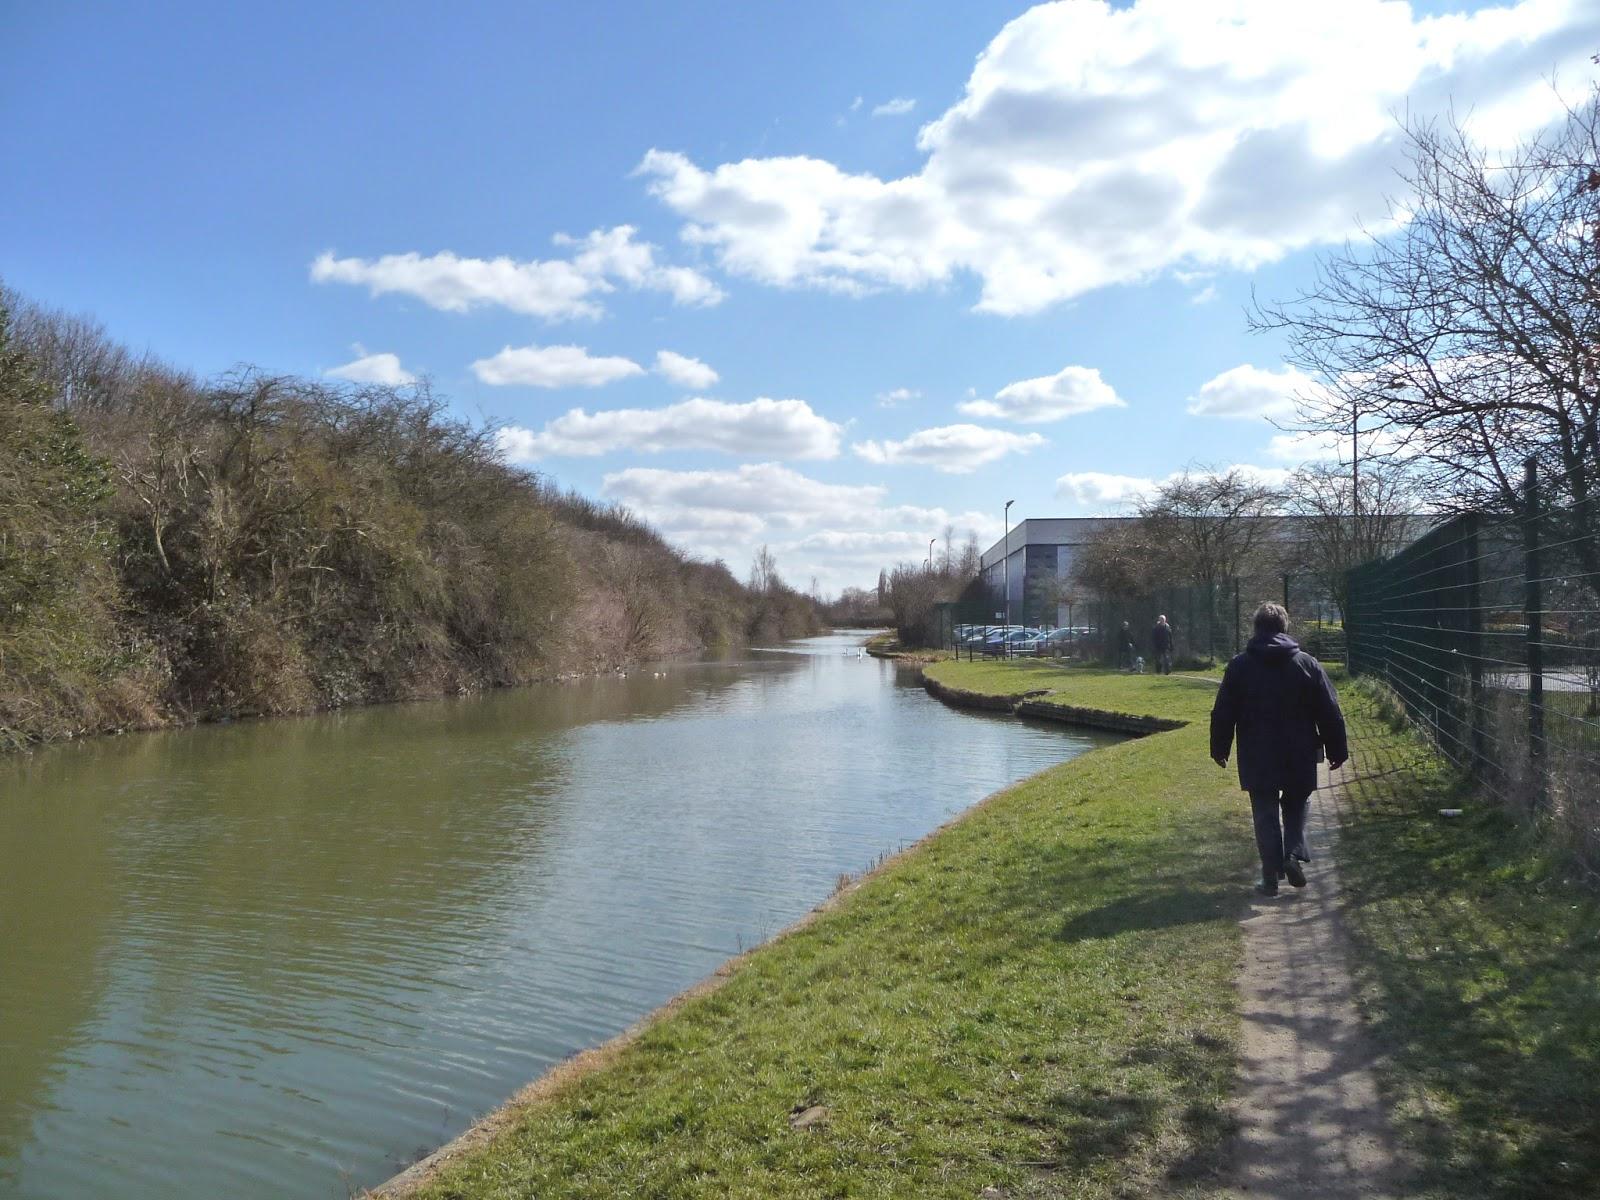 parkviews blog erewash canal walk part 4 langley mill. Black Bedroom Furniture Sets. Home Design Ideas